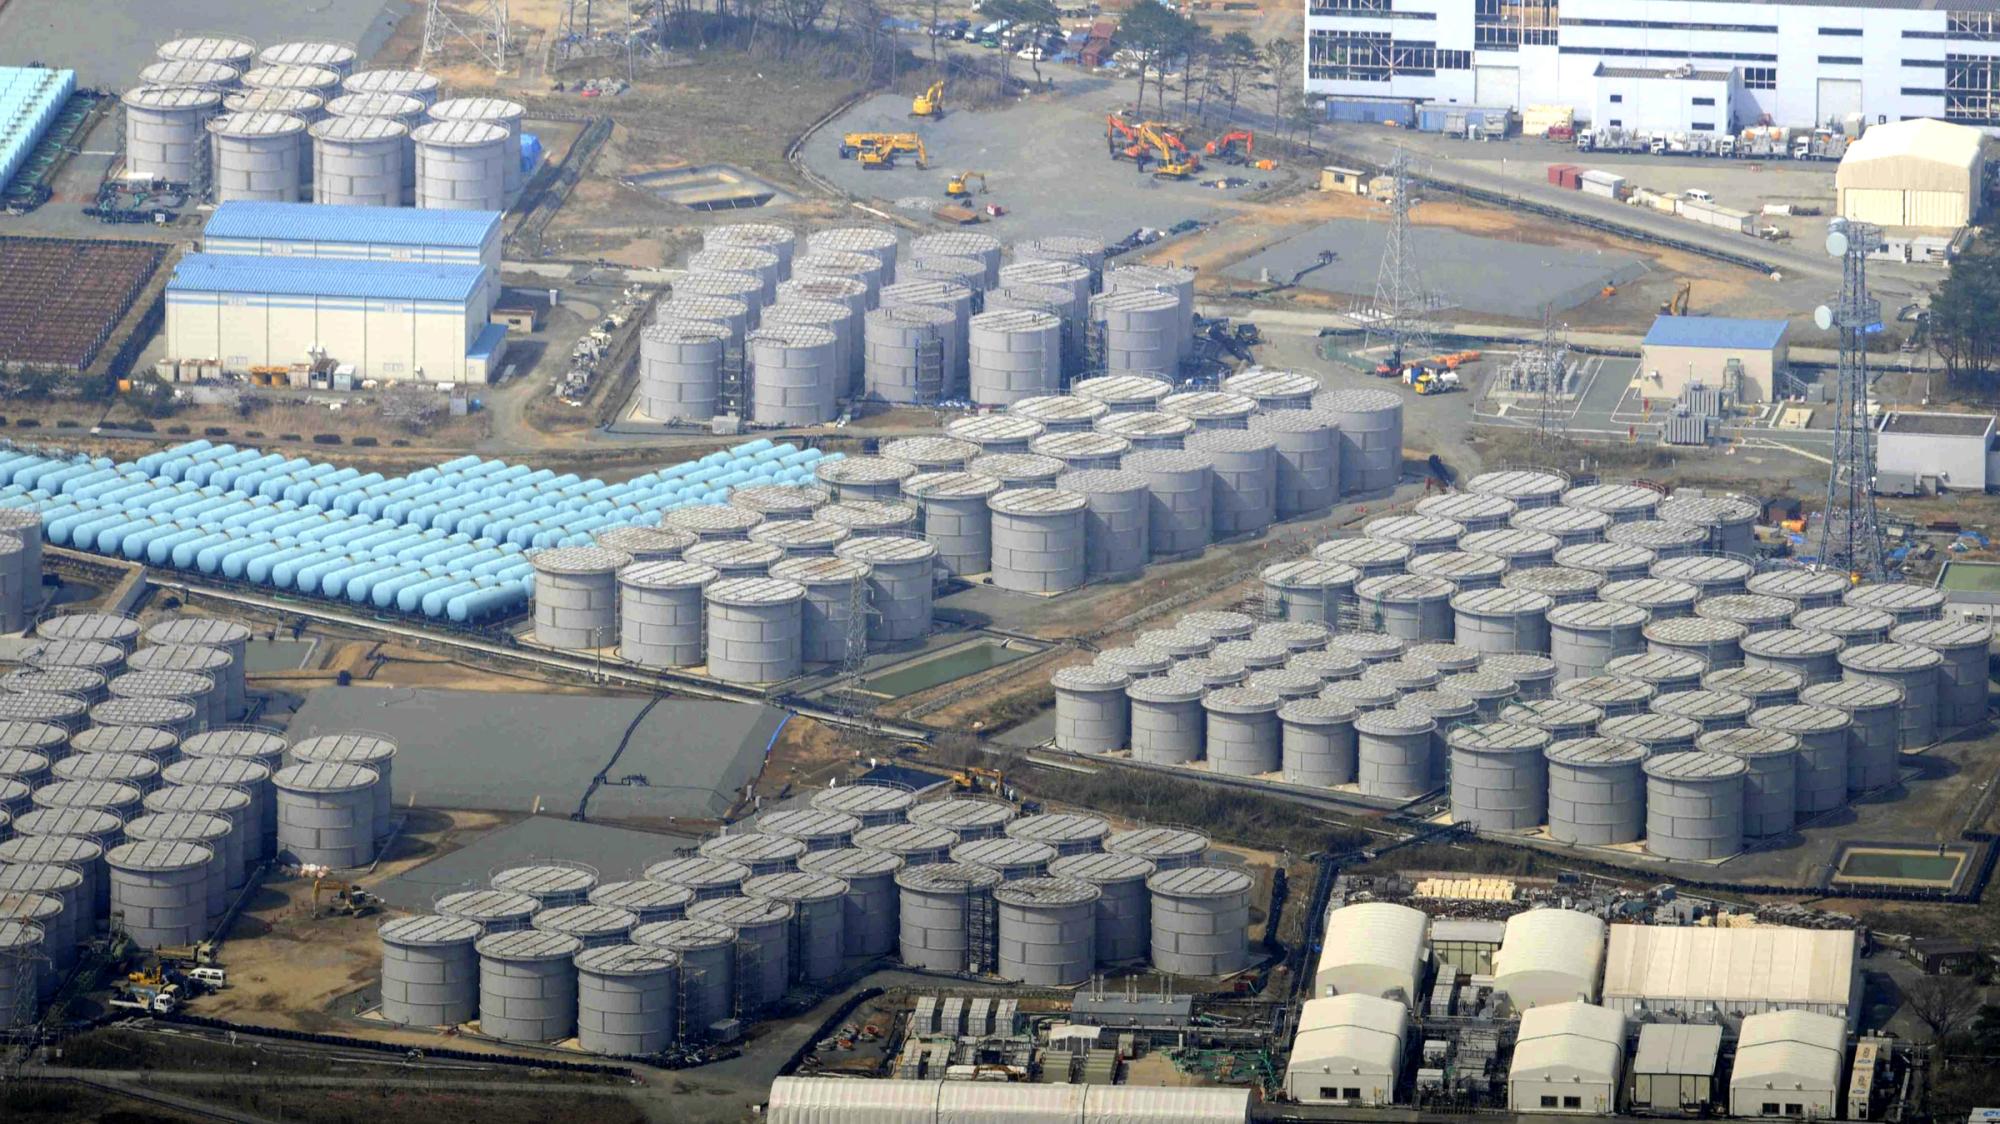 Tanks at Fukushima Dai-Ichi (Japan Daily Press, 2017)